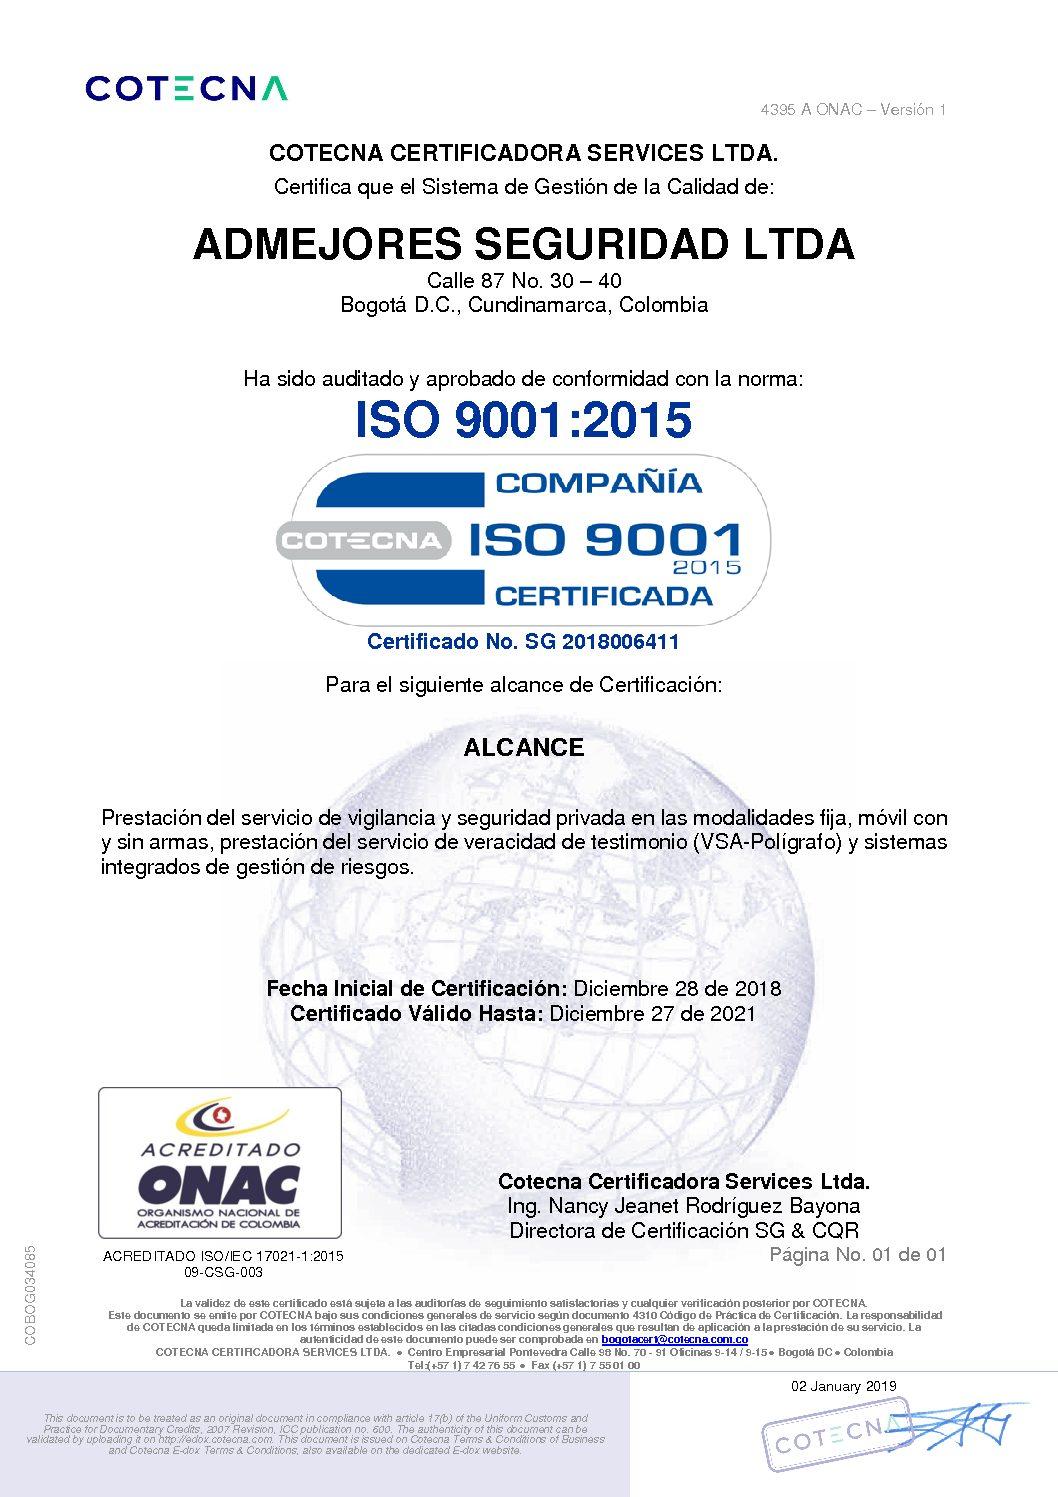 ADMEJORES SEGURIDAD RE CERTIFICADA EN ISO 9001:2015